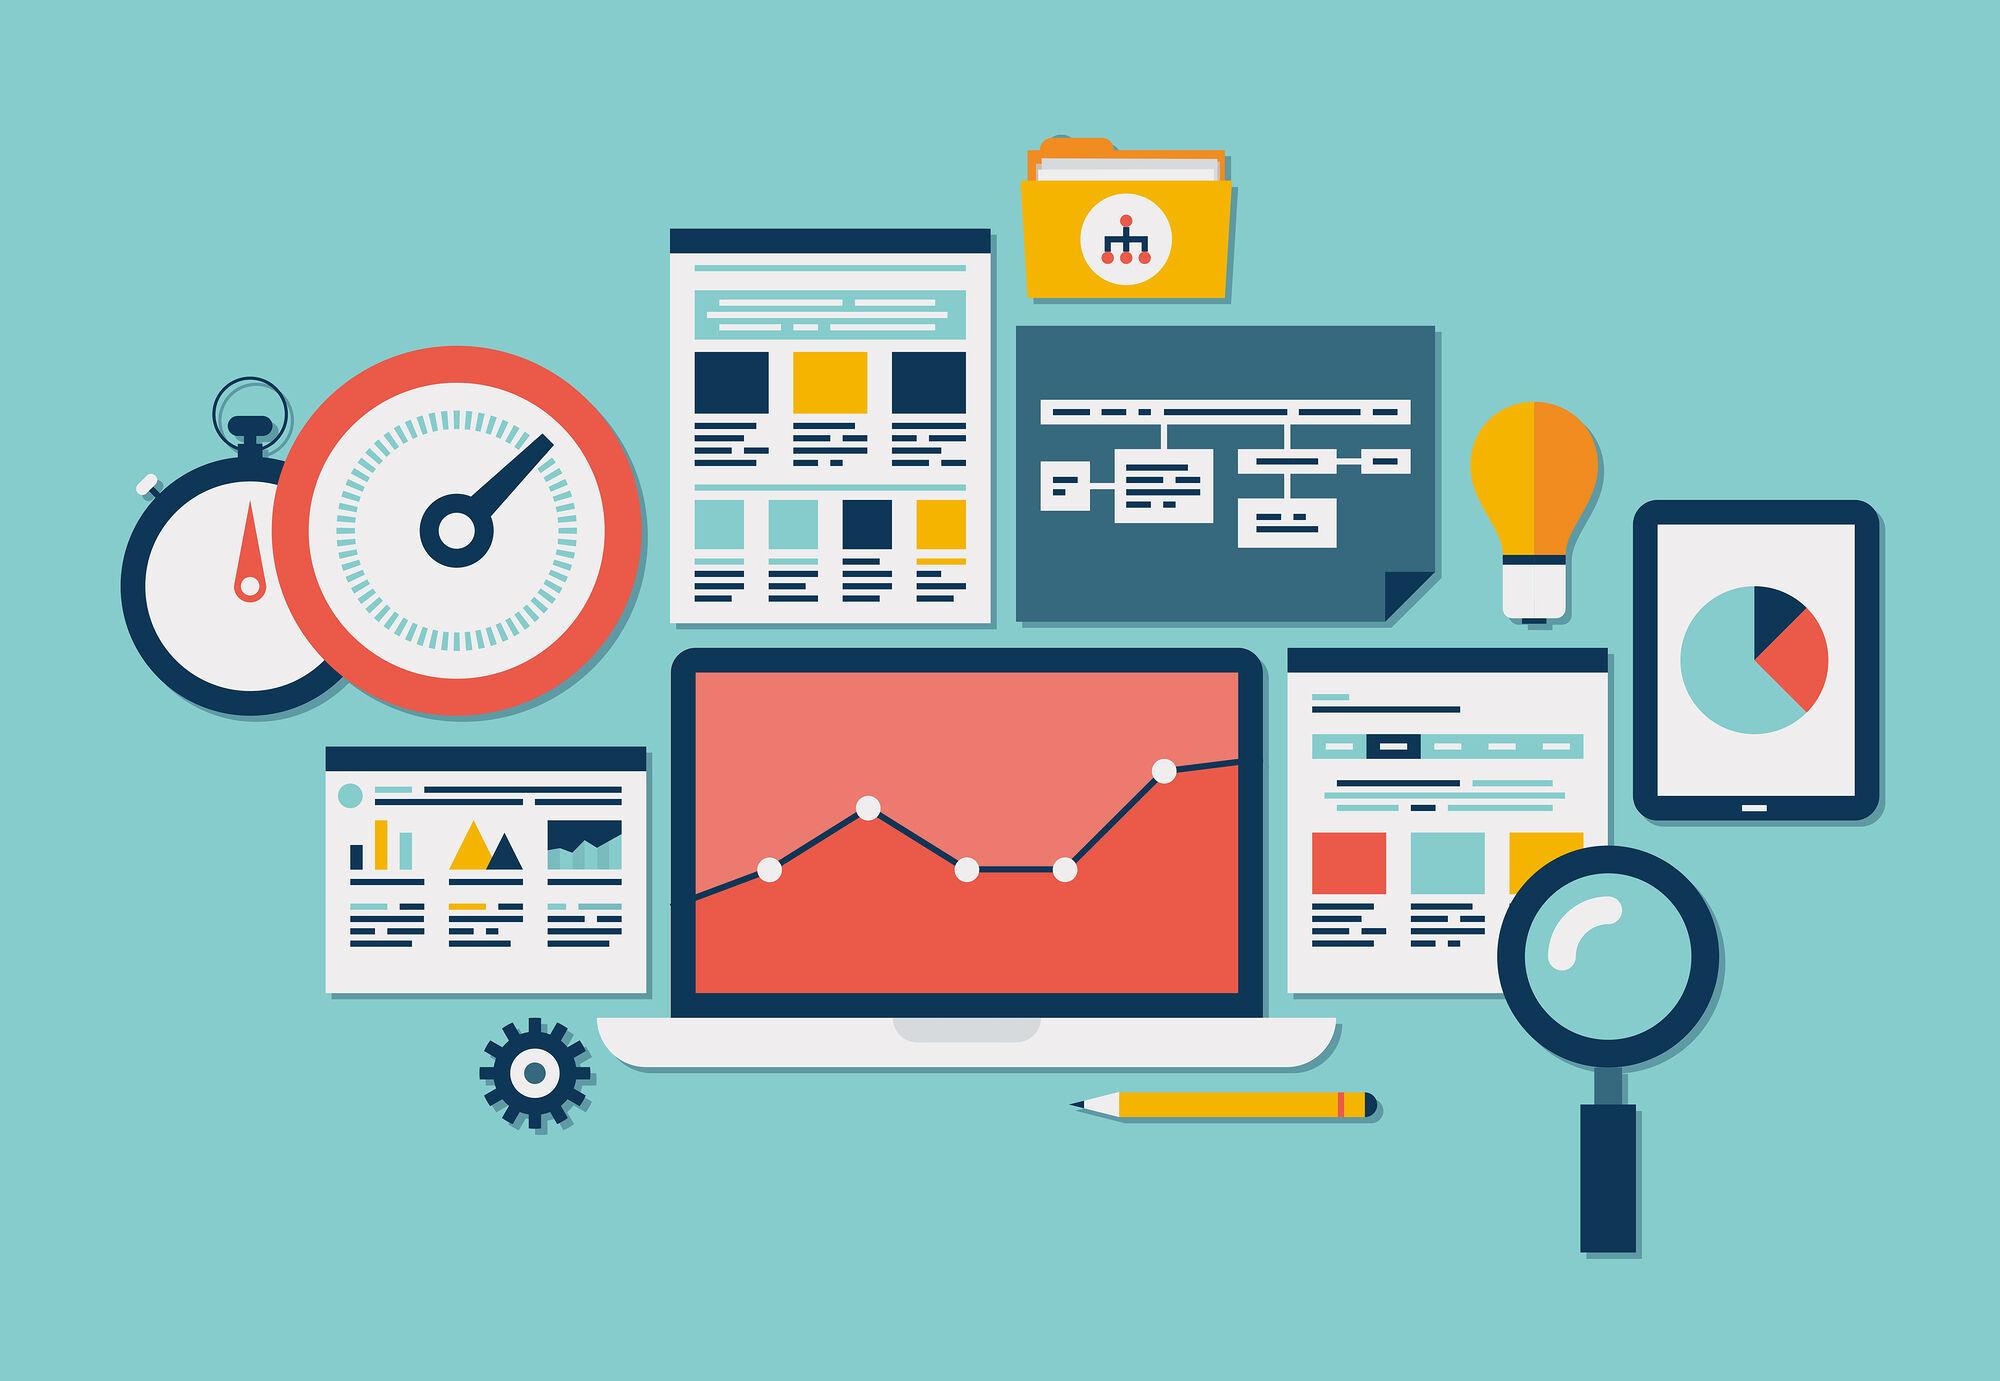 Get started on Google Analytics